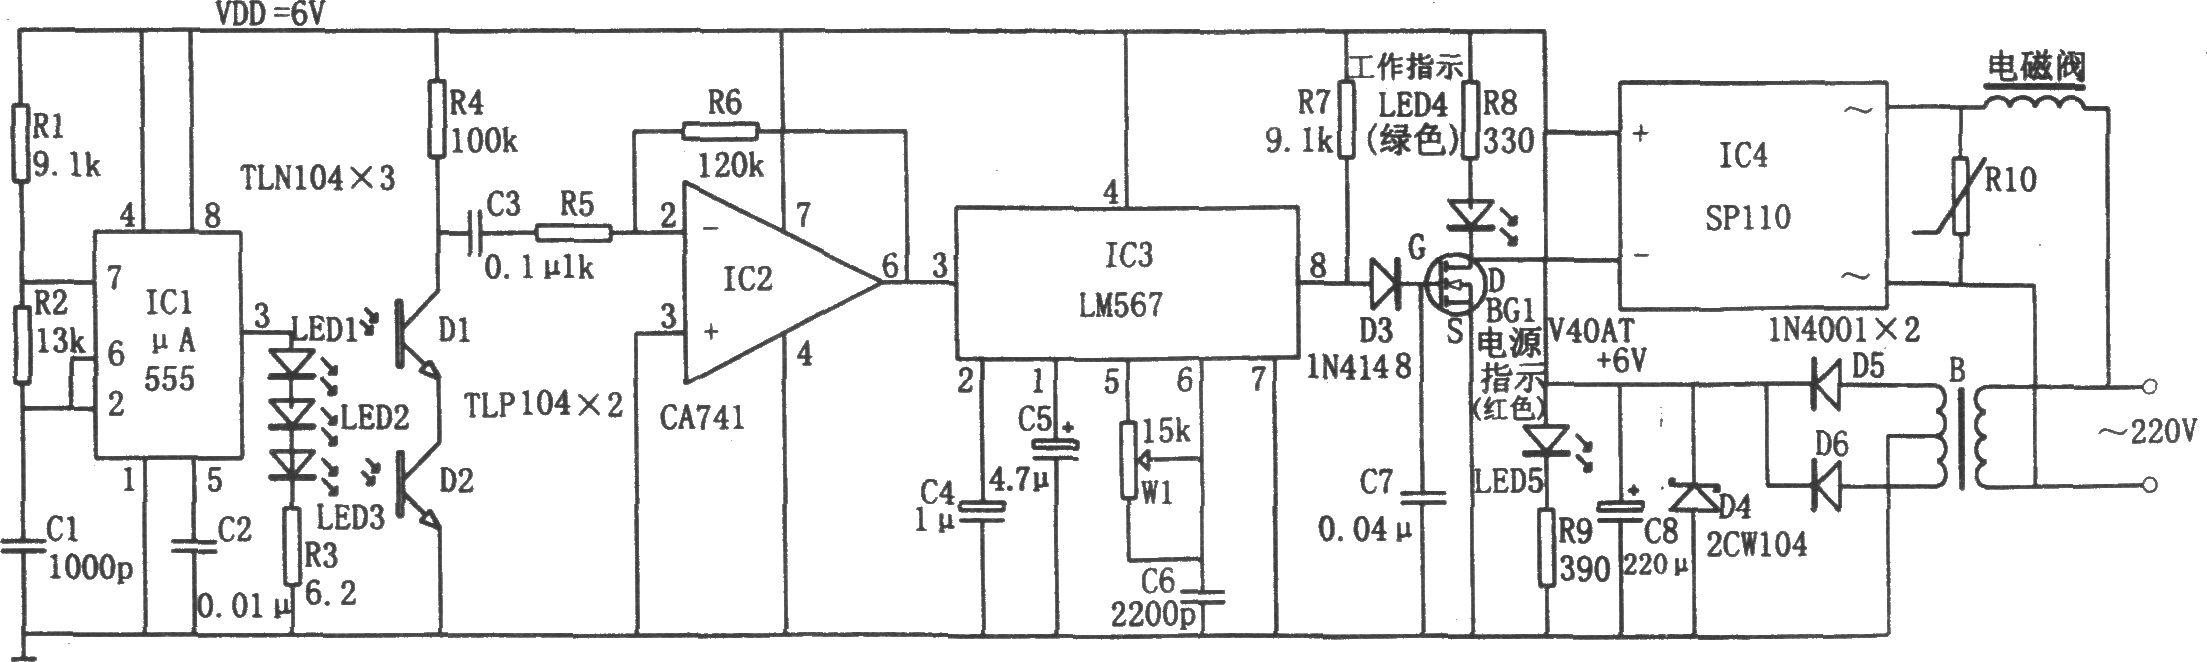 (lm567)交流固态继电器ic4(sp110)